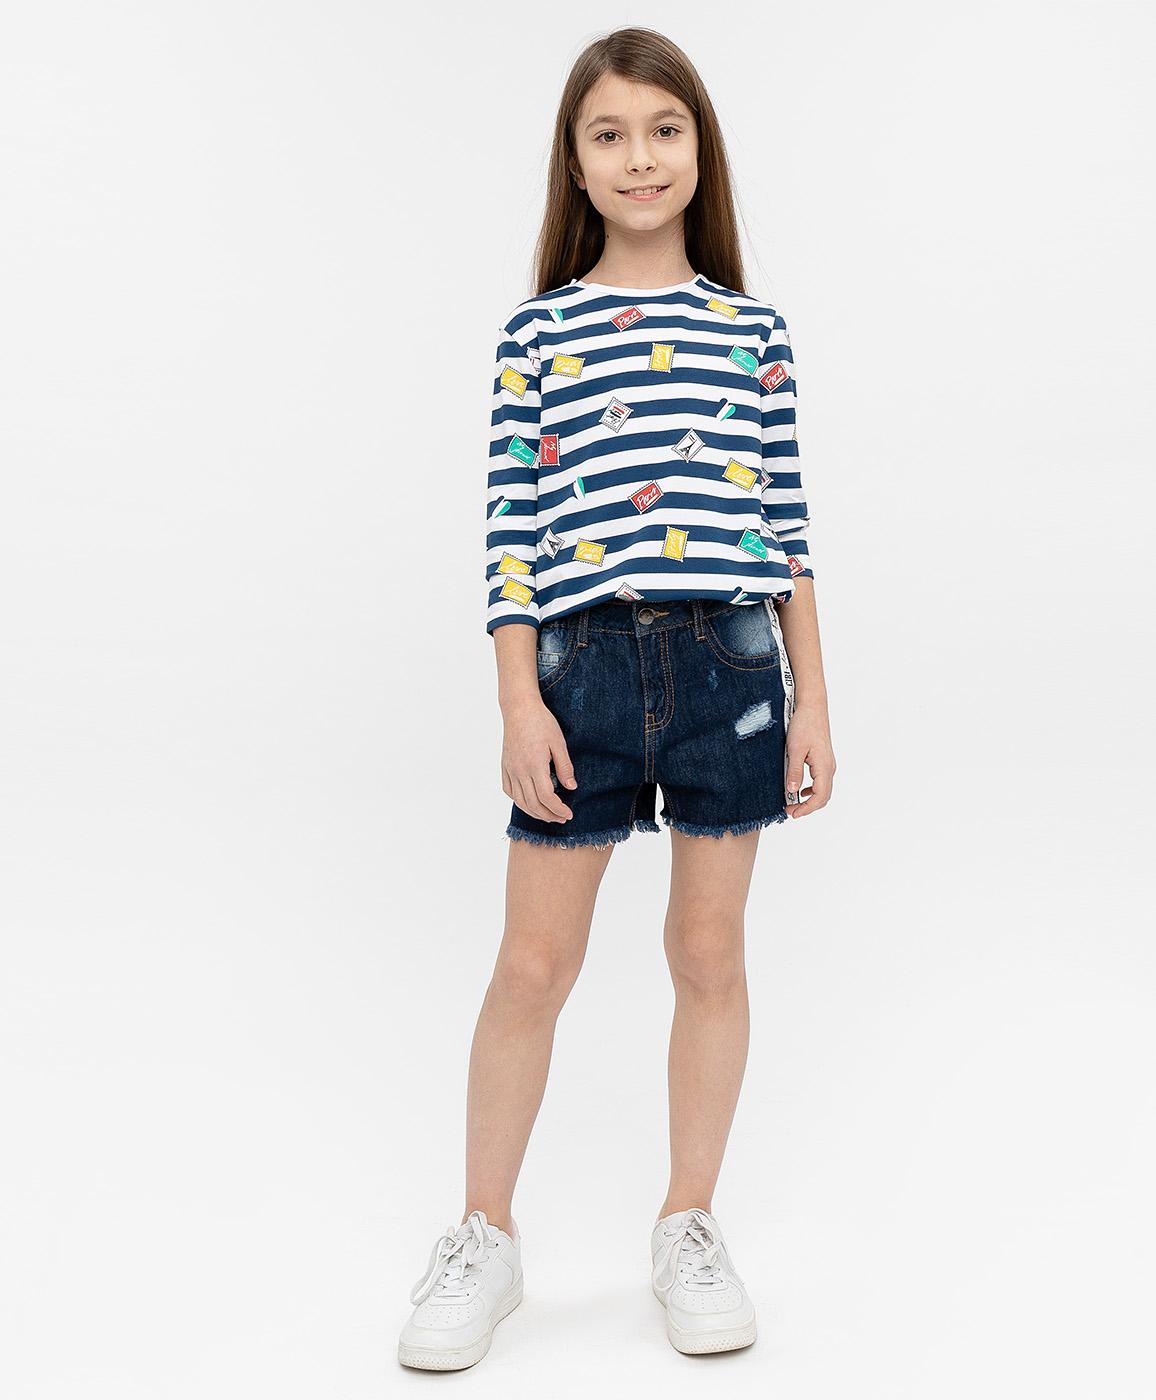 Купить 120BBGC6003D500, Синие джинсовые шорты Button Blue, синий, 98, Женский, ВЕСНА/ЛЕТО 2020 (shop: GulliverMarket Gulliver Market)